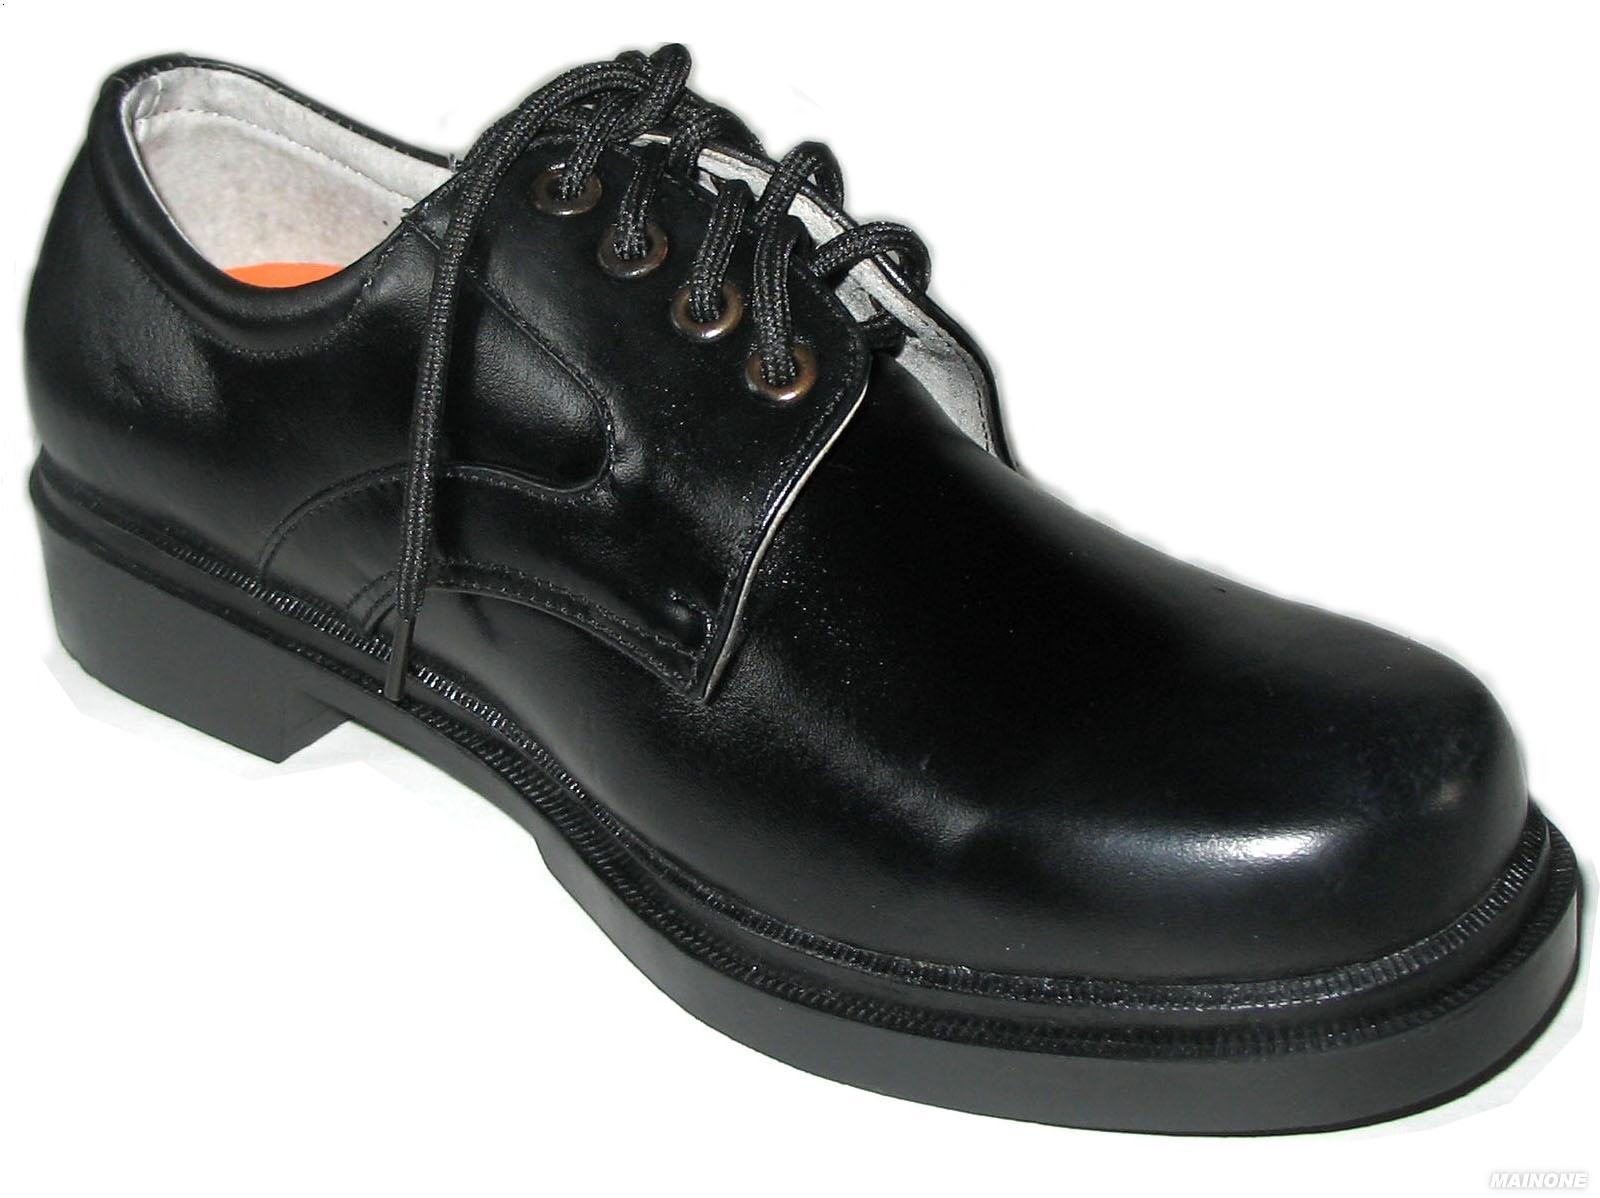 偷拍保安黑皮鞋黑袜子2048